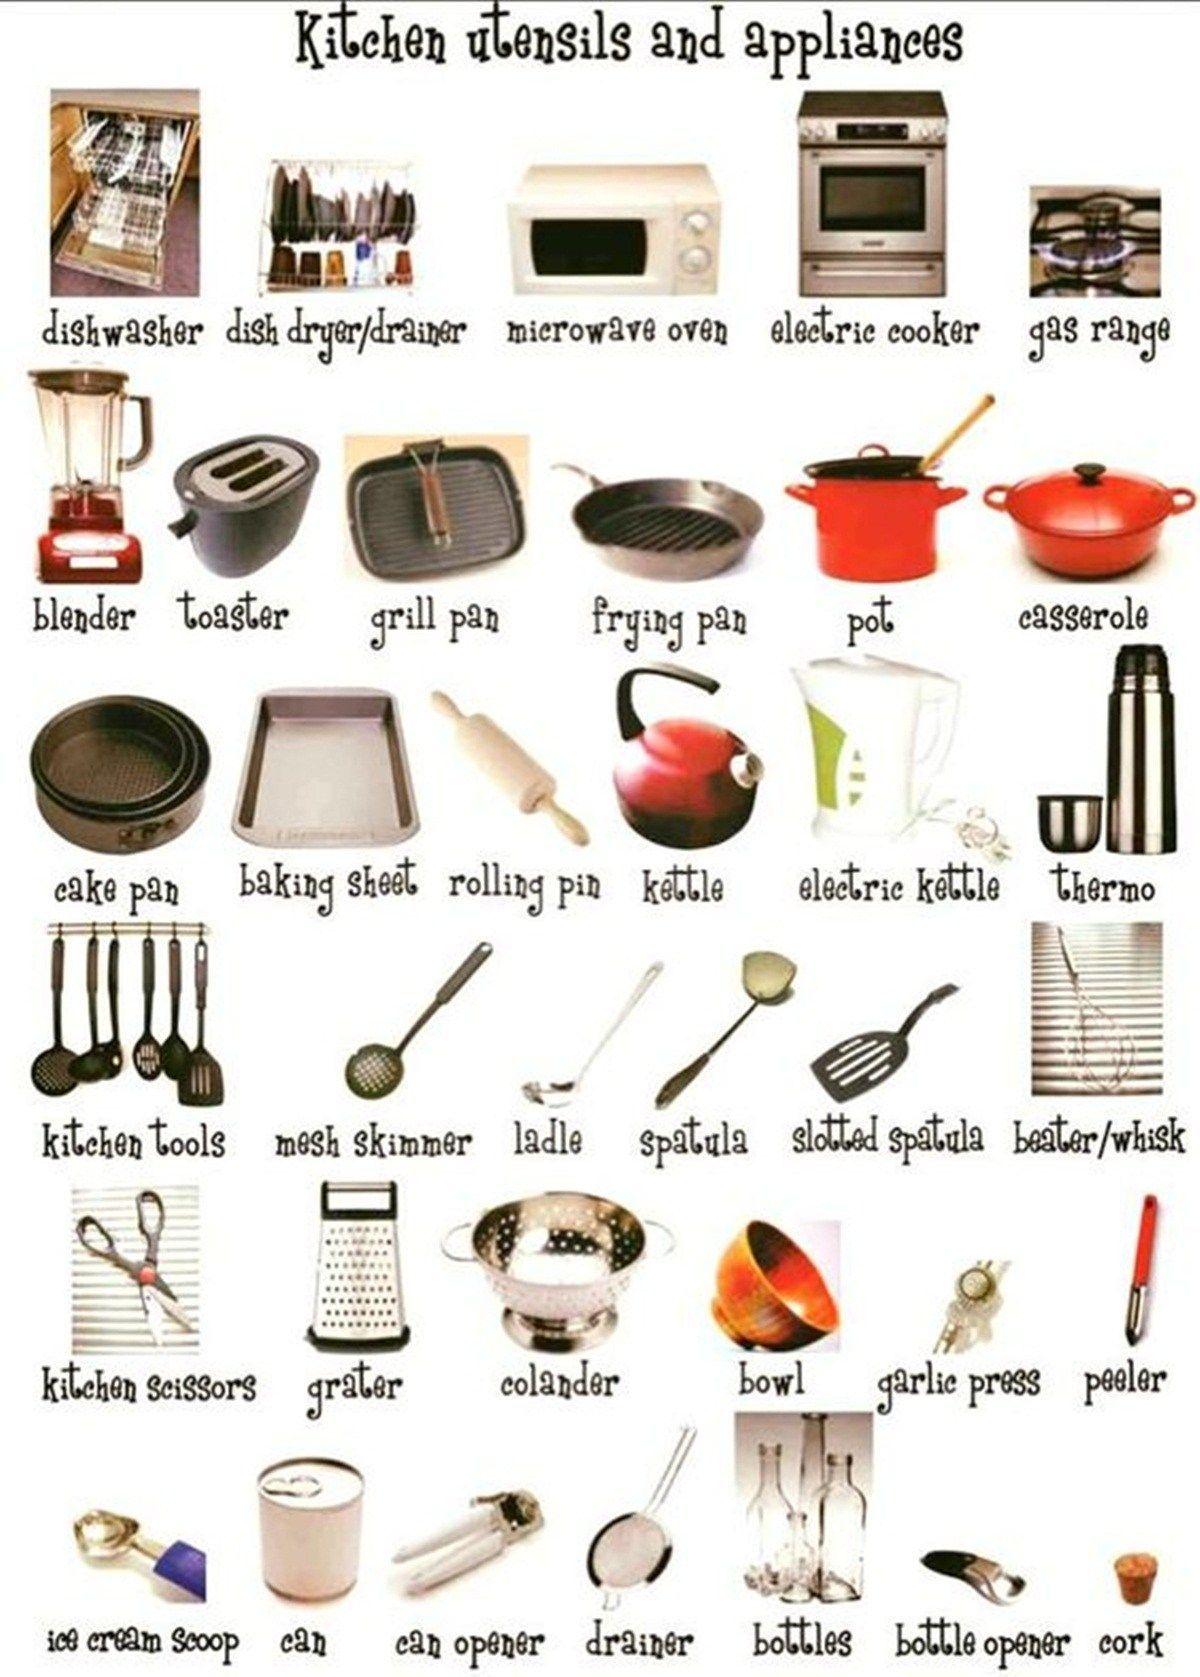 Kitchen Appliances In Spanish In 2020 Kitchen Utensils Kitchen Appliance List Kitchen Utensils List